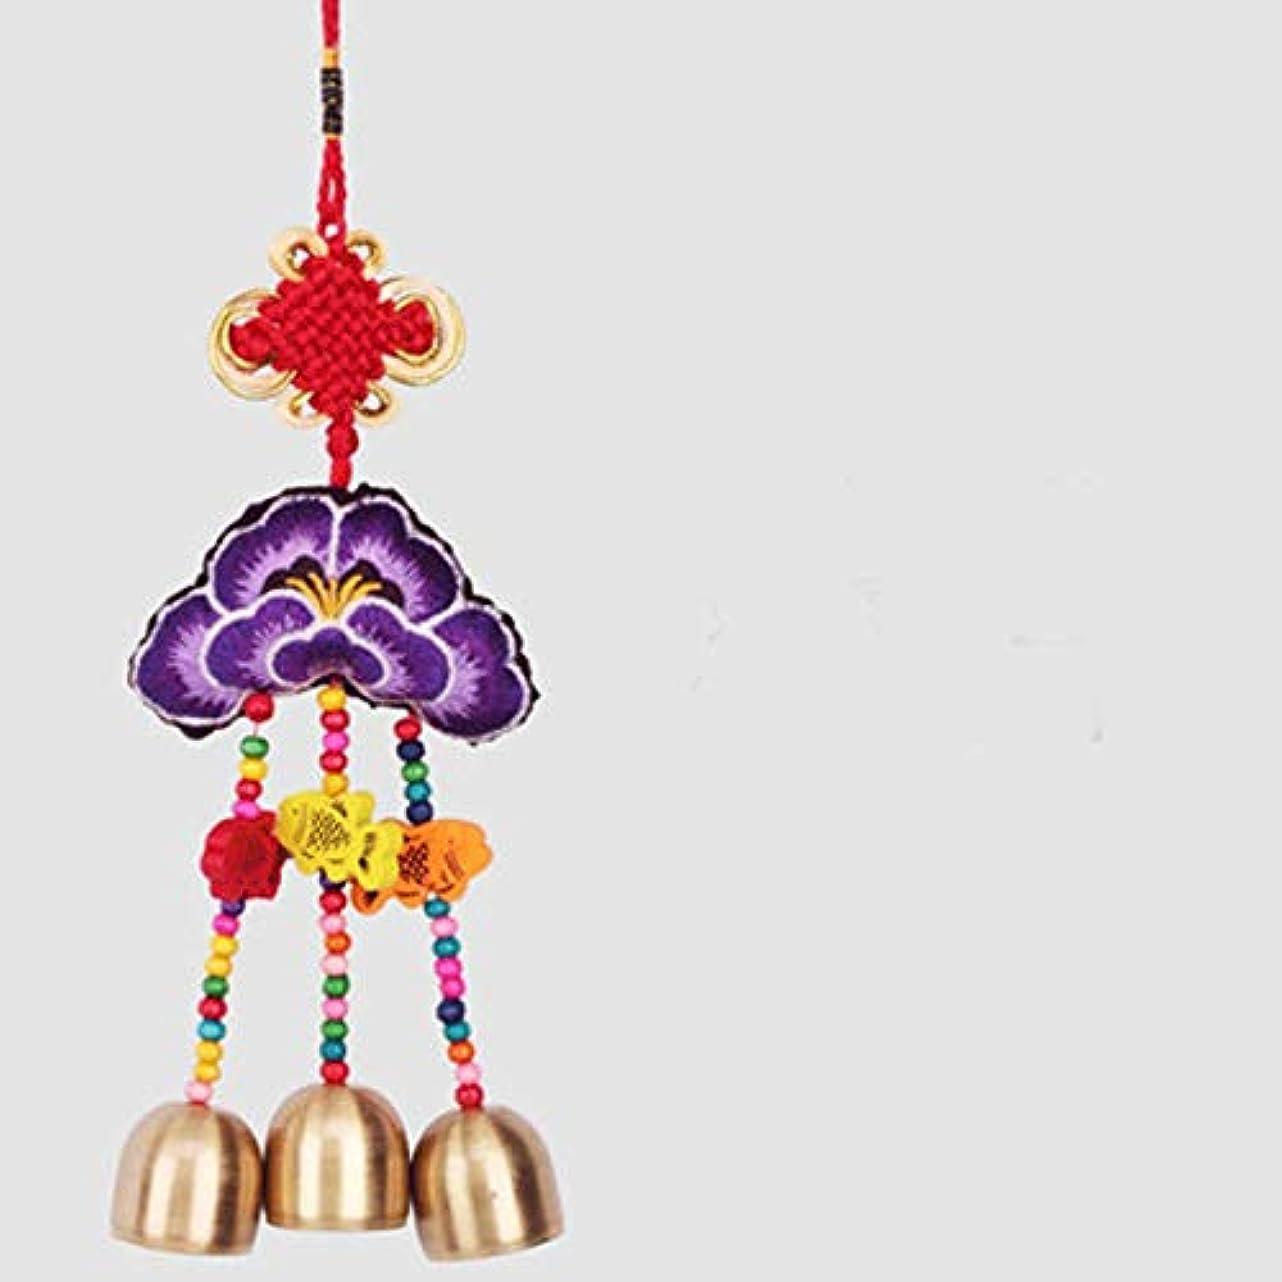 挽く憧れくそーJingfengtongxun Small Wind Chimes、中華風刺繍工芸品、14スタイル、ワンピース,スタイリッシュなホリデーギフト (Color : 6)